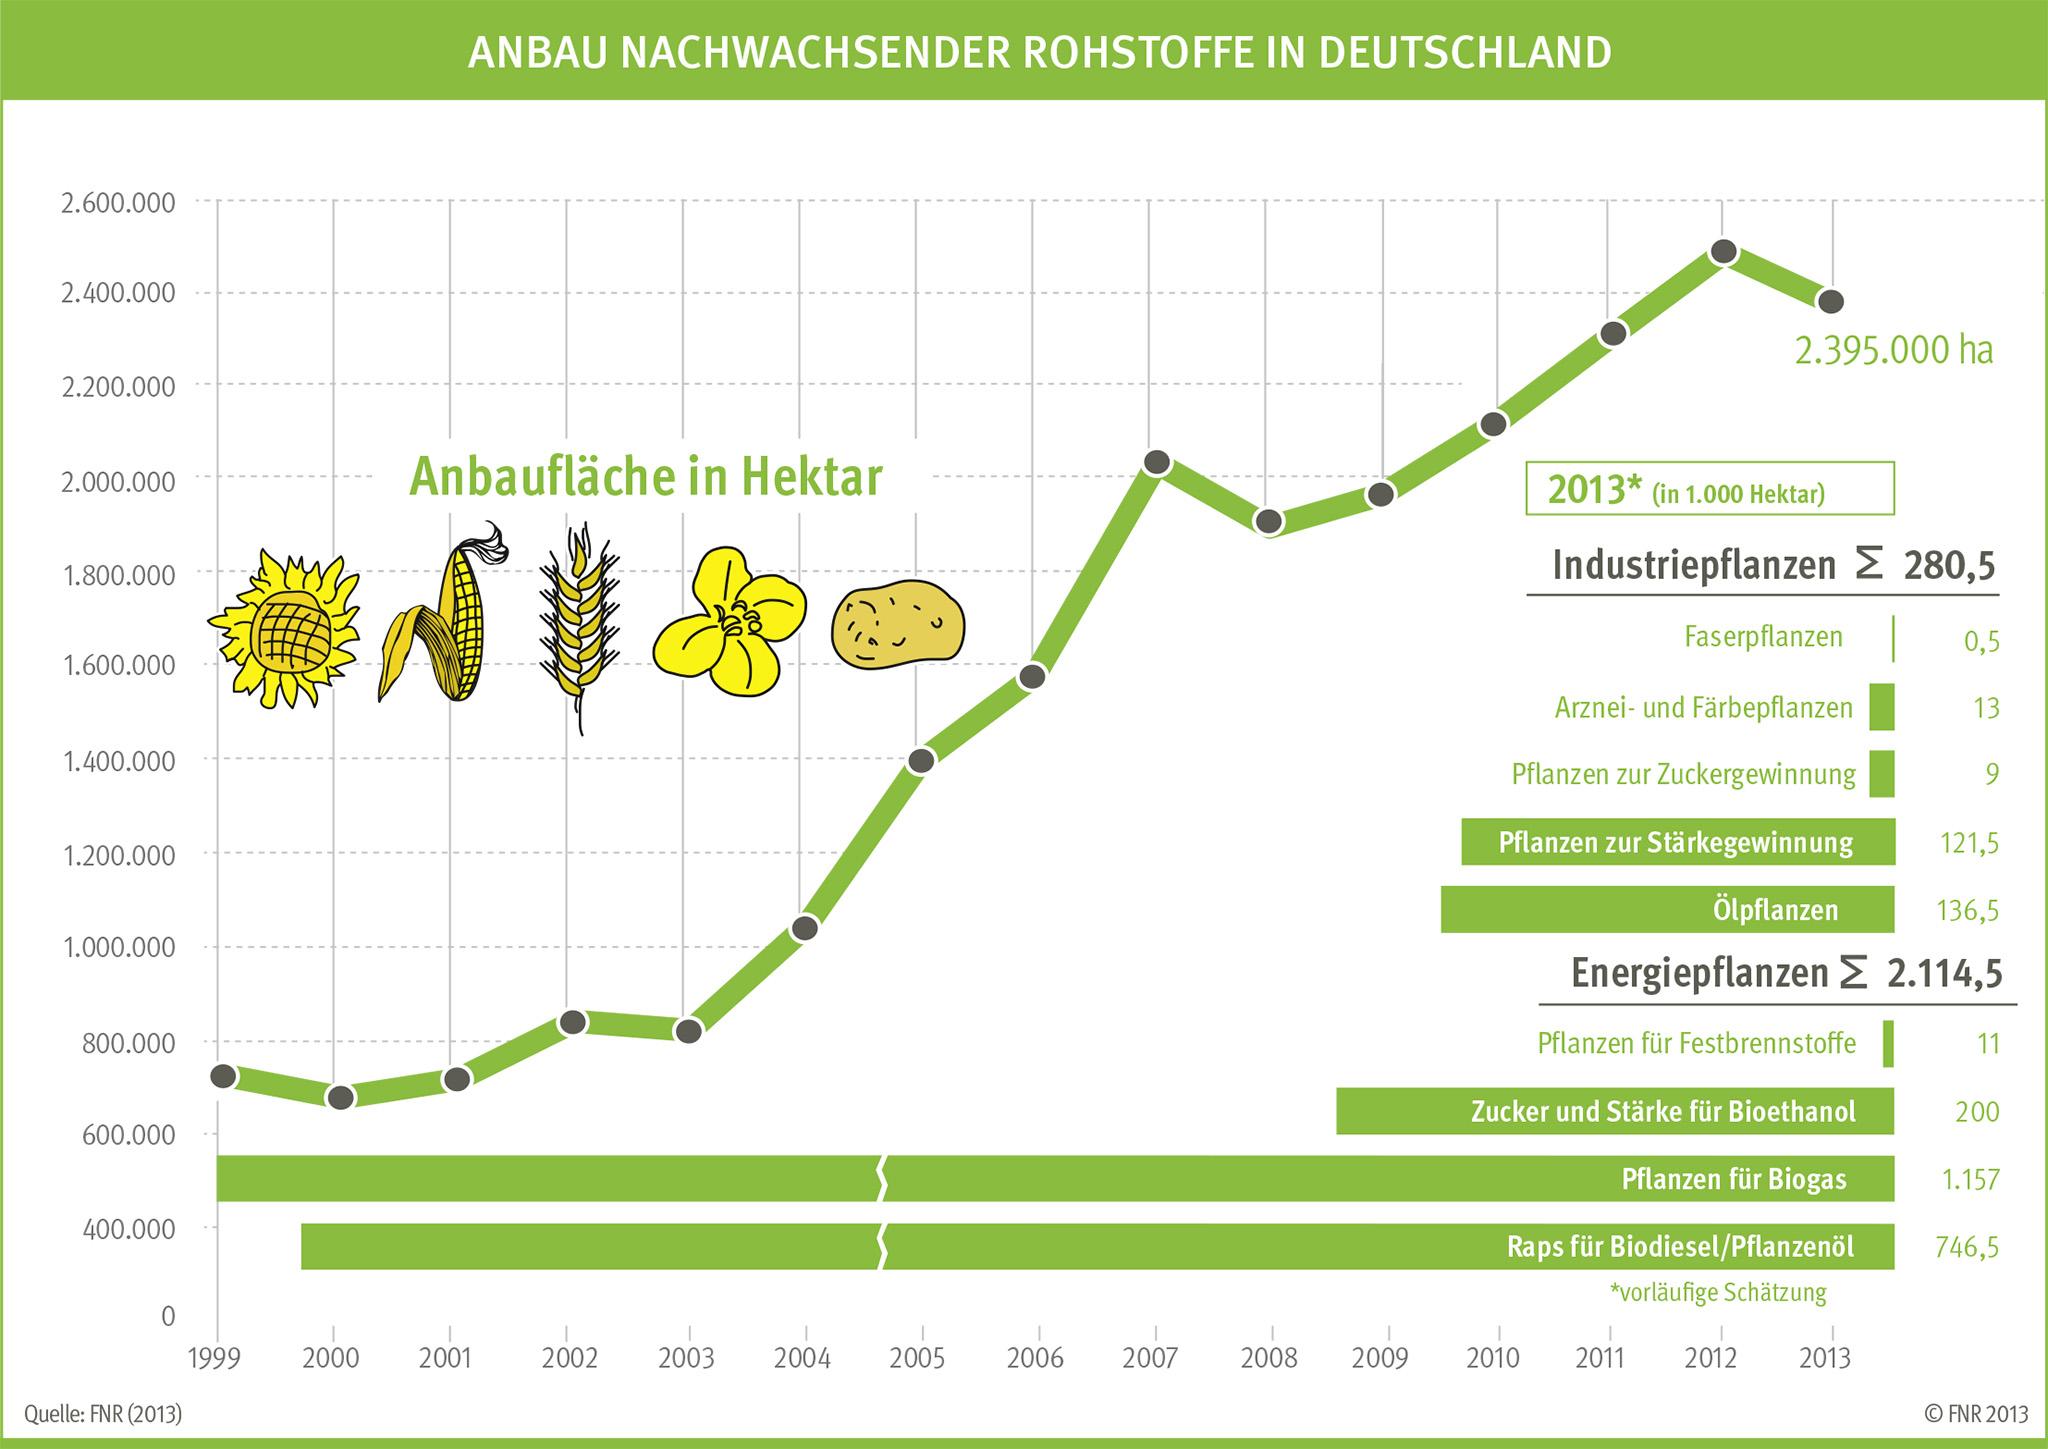 Anbau nachwachsender Rohstoffe in Deutschland